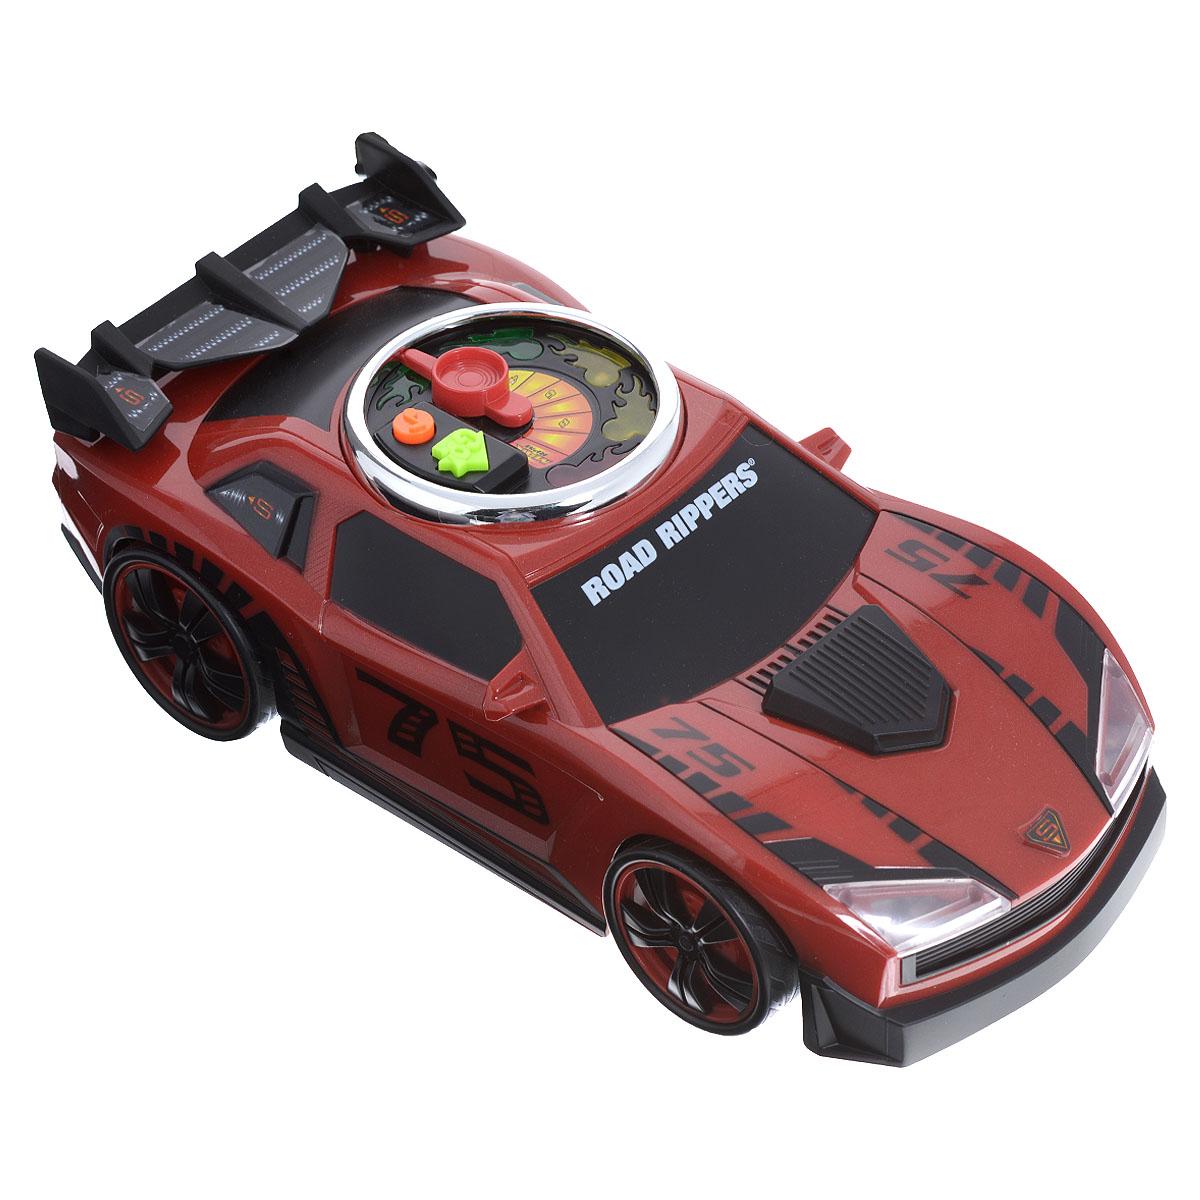 Road Rippers Машинка Turbo Revver цвет красный33490TSЯркая машинка Road Rippers Turbo Revver со звуковыми и световыми эффектами, несомненно, понравится вашему ребенку и не позволит ему скучать. Игрушка выполнена в виде стильной гоночной машины. При нажатии на кнопки, расположенные на крыше, воспроизводятся звуки работающего двигателя, играет музыка, а фары машинки начинают светиться. Малыш сможет почувствовать себя настоящим гонщиком, разгоняя машинку - для этого нужно несколько раз повернуть стрелку на спидометре на крыше автомобиля. С каждым поворотом на экране спидометра будет загораться огонек и раздадутся звуки двигателя. Нажмите на кнопку GO, и колесики машинки начнут вращаться с характерными звуками, а диск на ее крыше будет мерцать разноцветными огоньками. Ваш ребенок часами будет играть с машинкой, придумывая различные истории и устраивая соревнования. Порадуйте его таким замечательным подарком! Рекомендуется докупить 3 батарейки напряжением 1,5V типа AА (товар комплектуется...